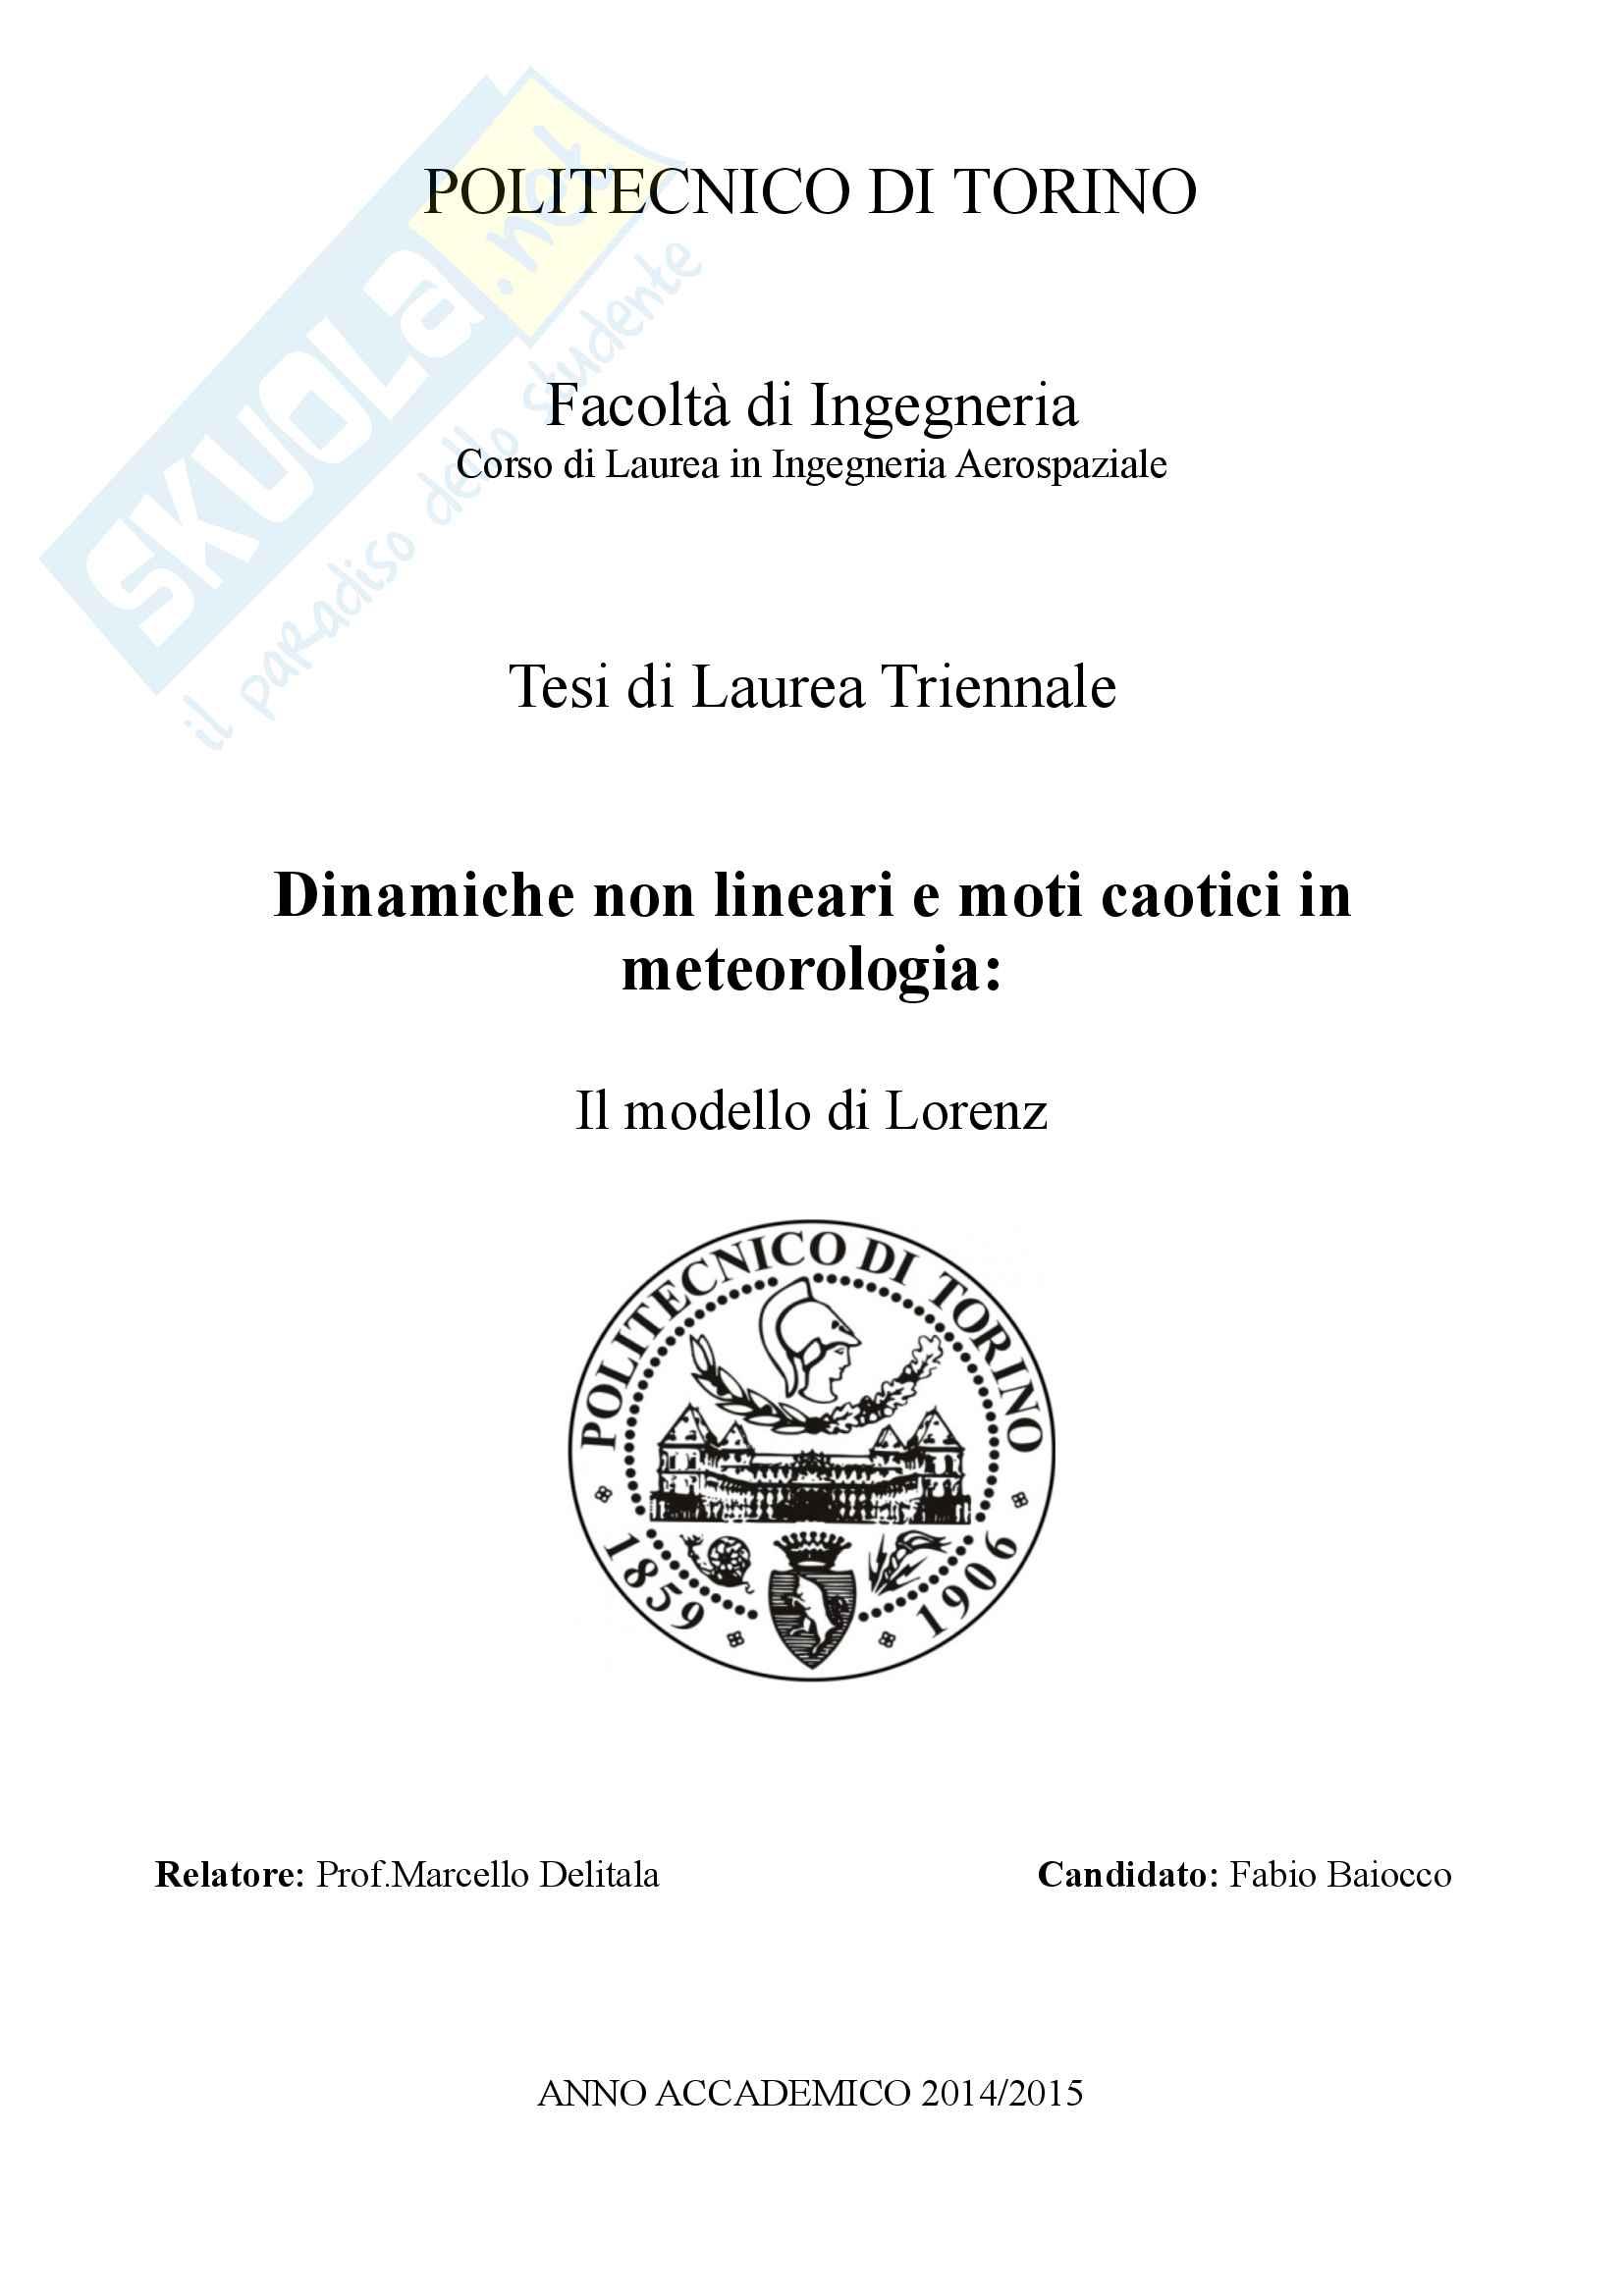 Tesi di Laurea Triennale - Dinamiche Caotiche e moti caotici in meteorologia: Il Modello di Lorenz